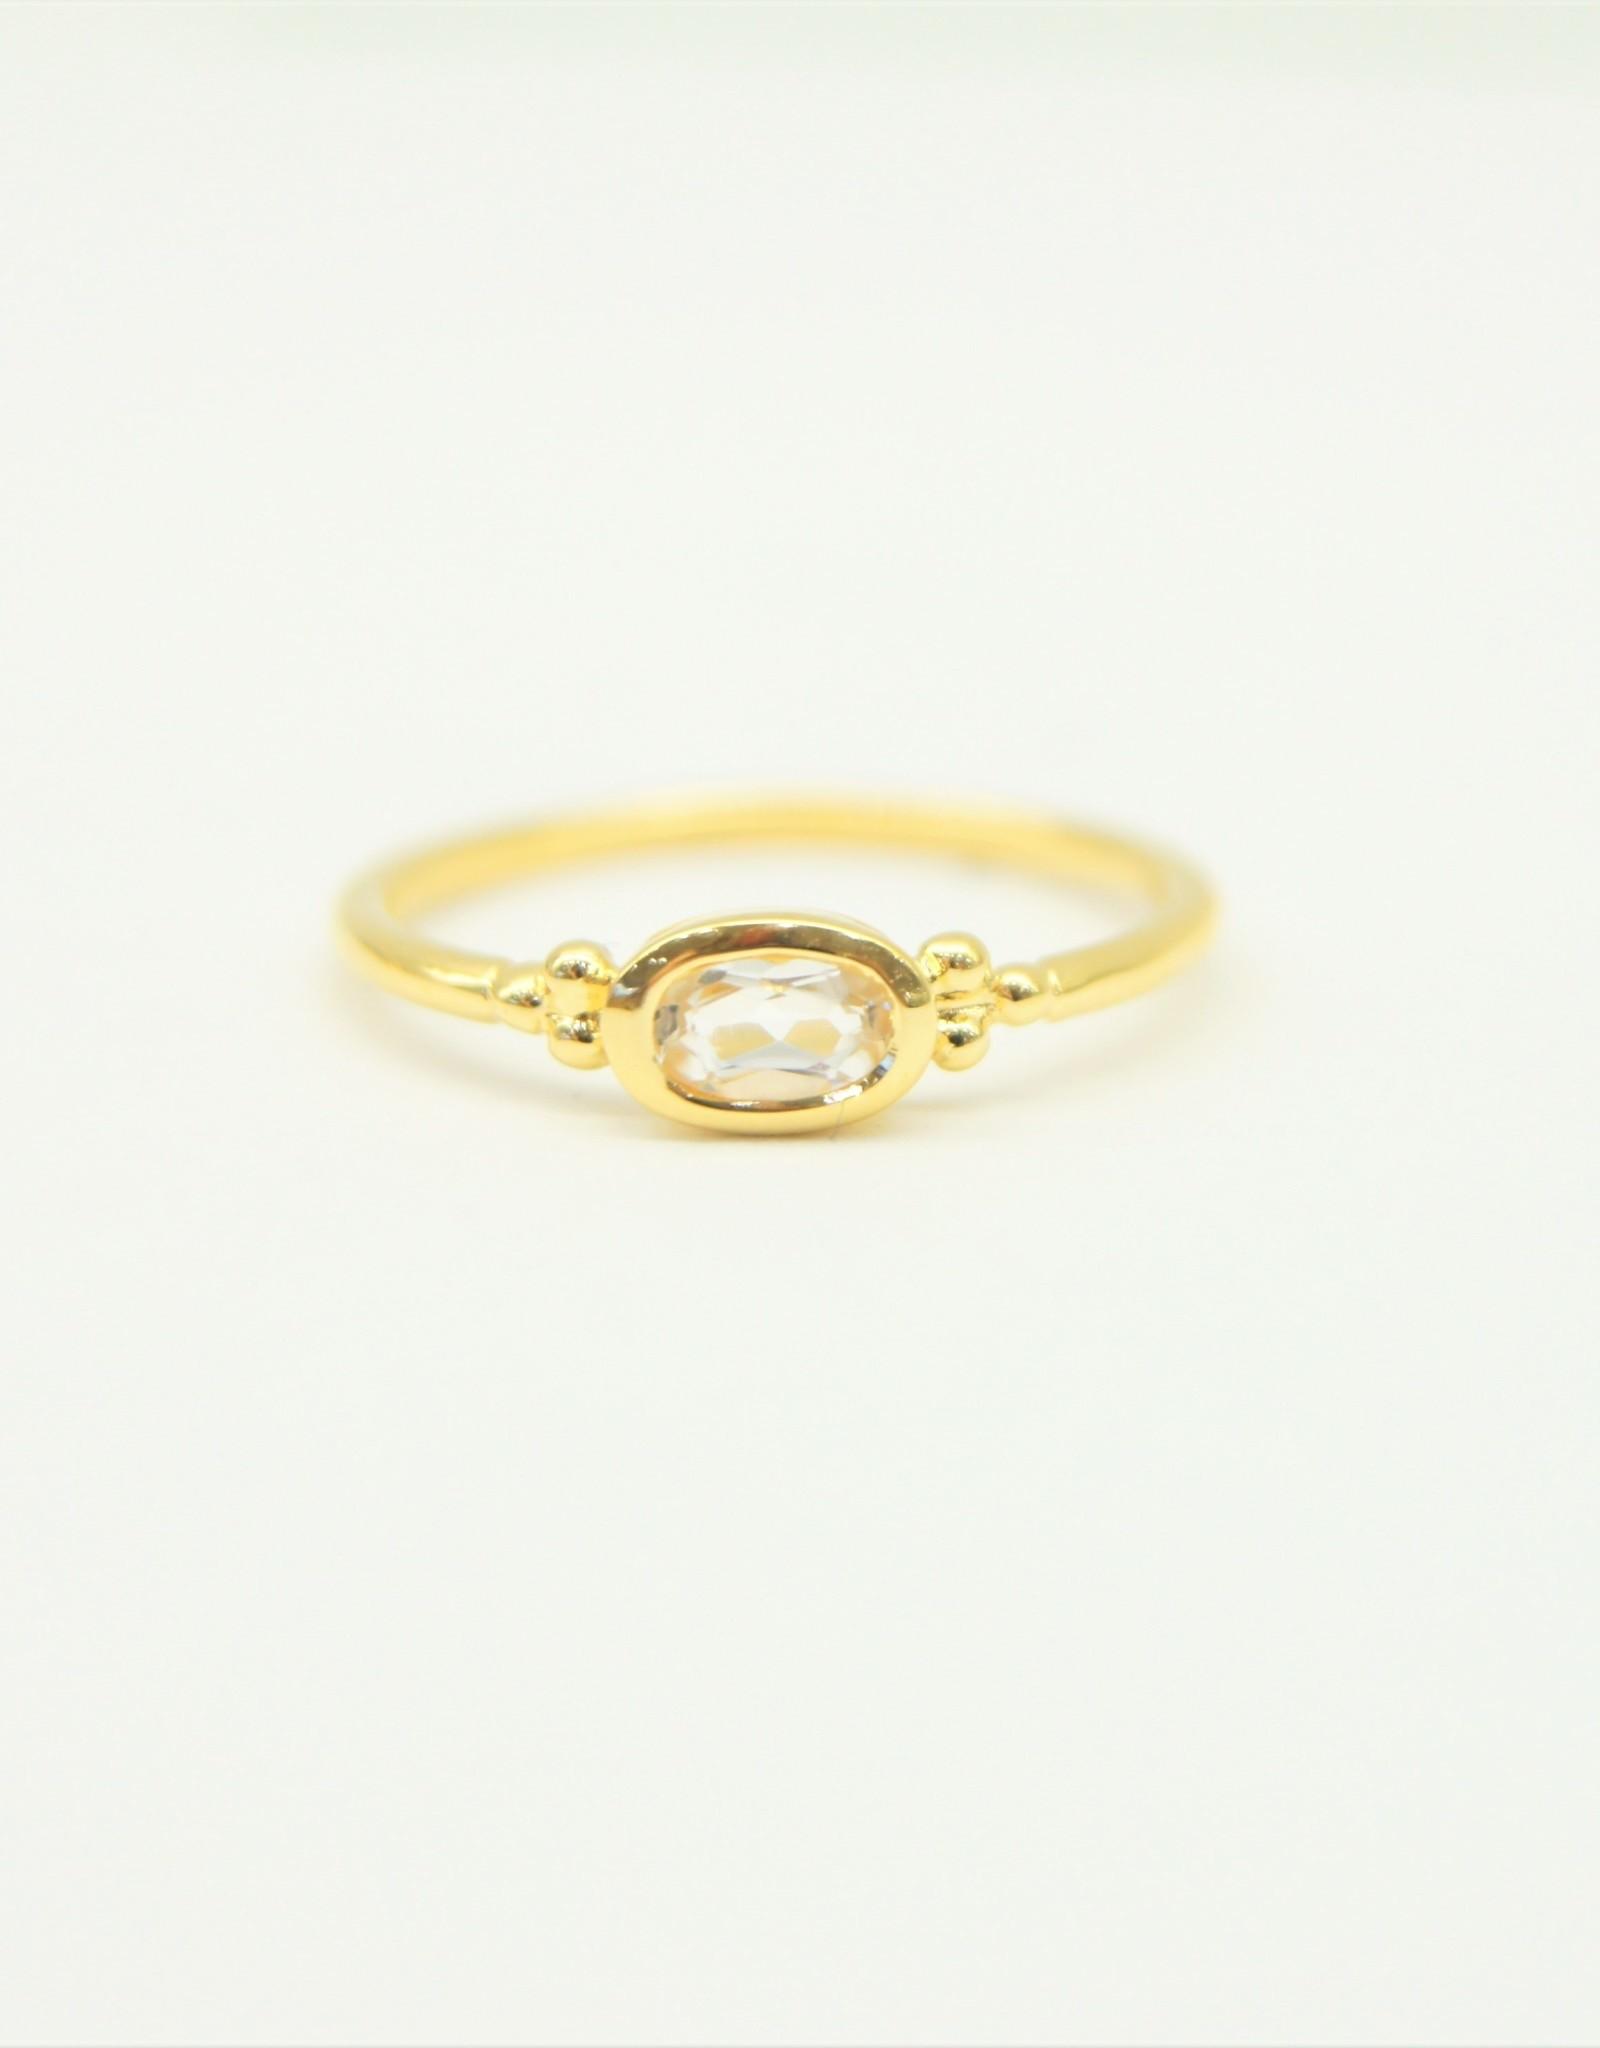 Tashi Bezel-Set Oval White Topaz Ring